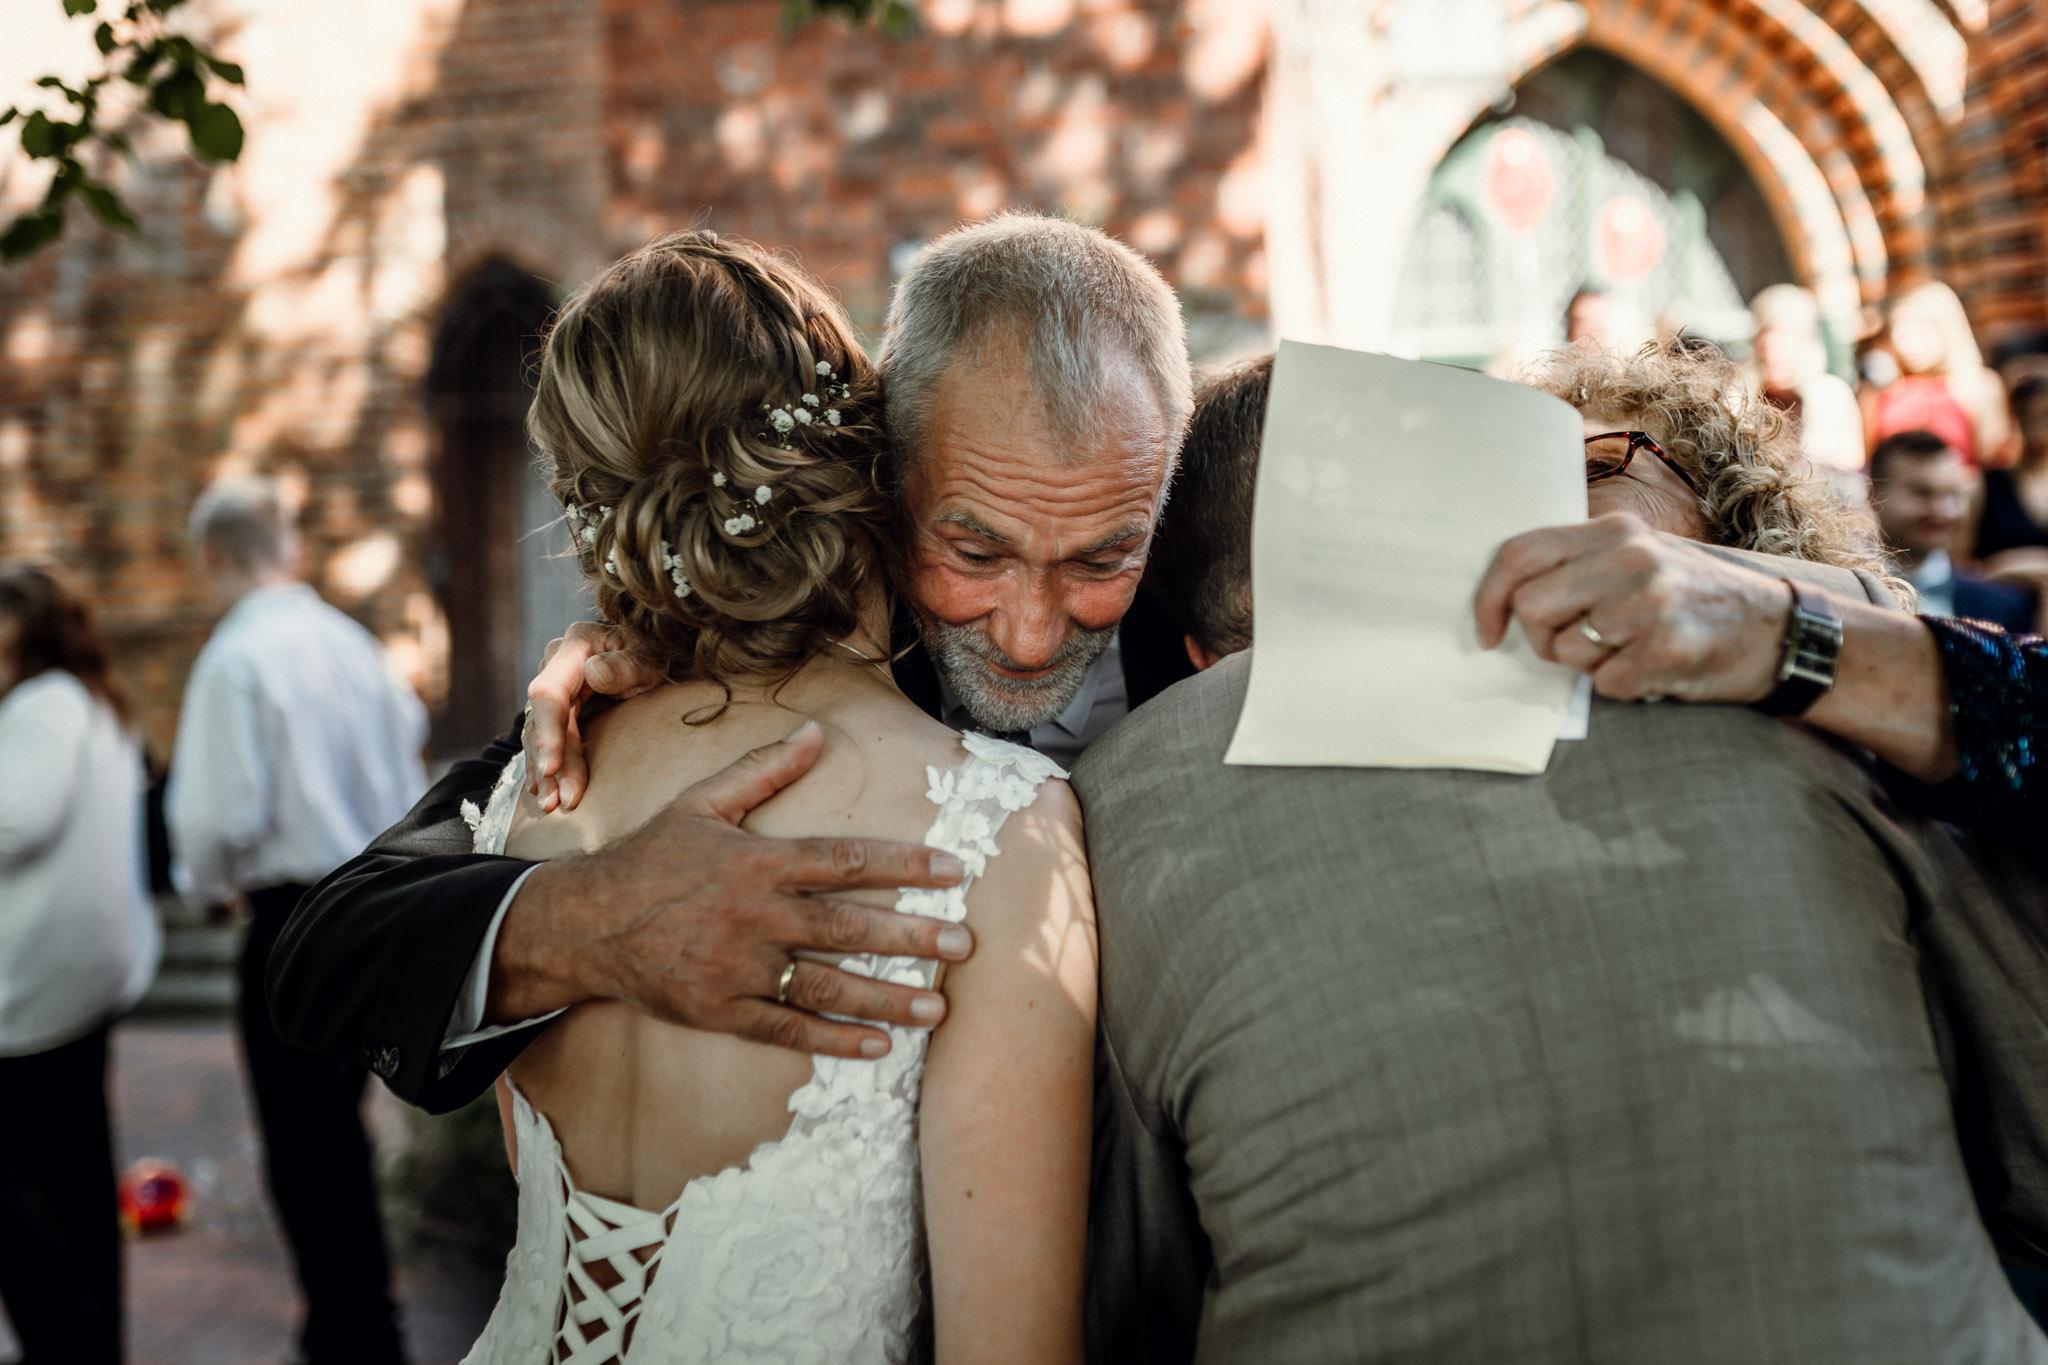 Sven Schomburg Hochzeitsfotografie, Hamburg, Mölln, Hochzeitsfieber by Photo-Schomburg, Hochzeitsreportage, Forsthaus Waldhusen, Braut, Bräutigam-48